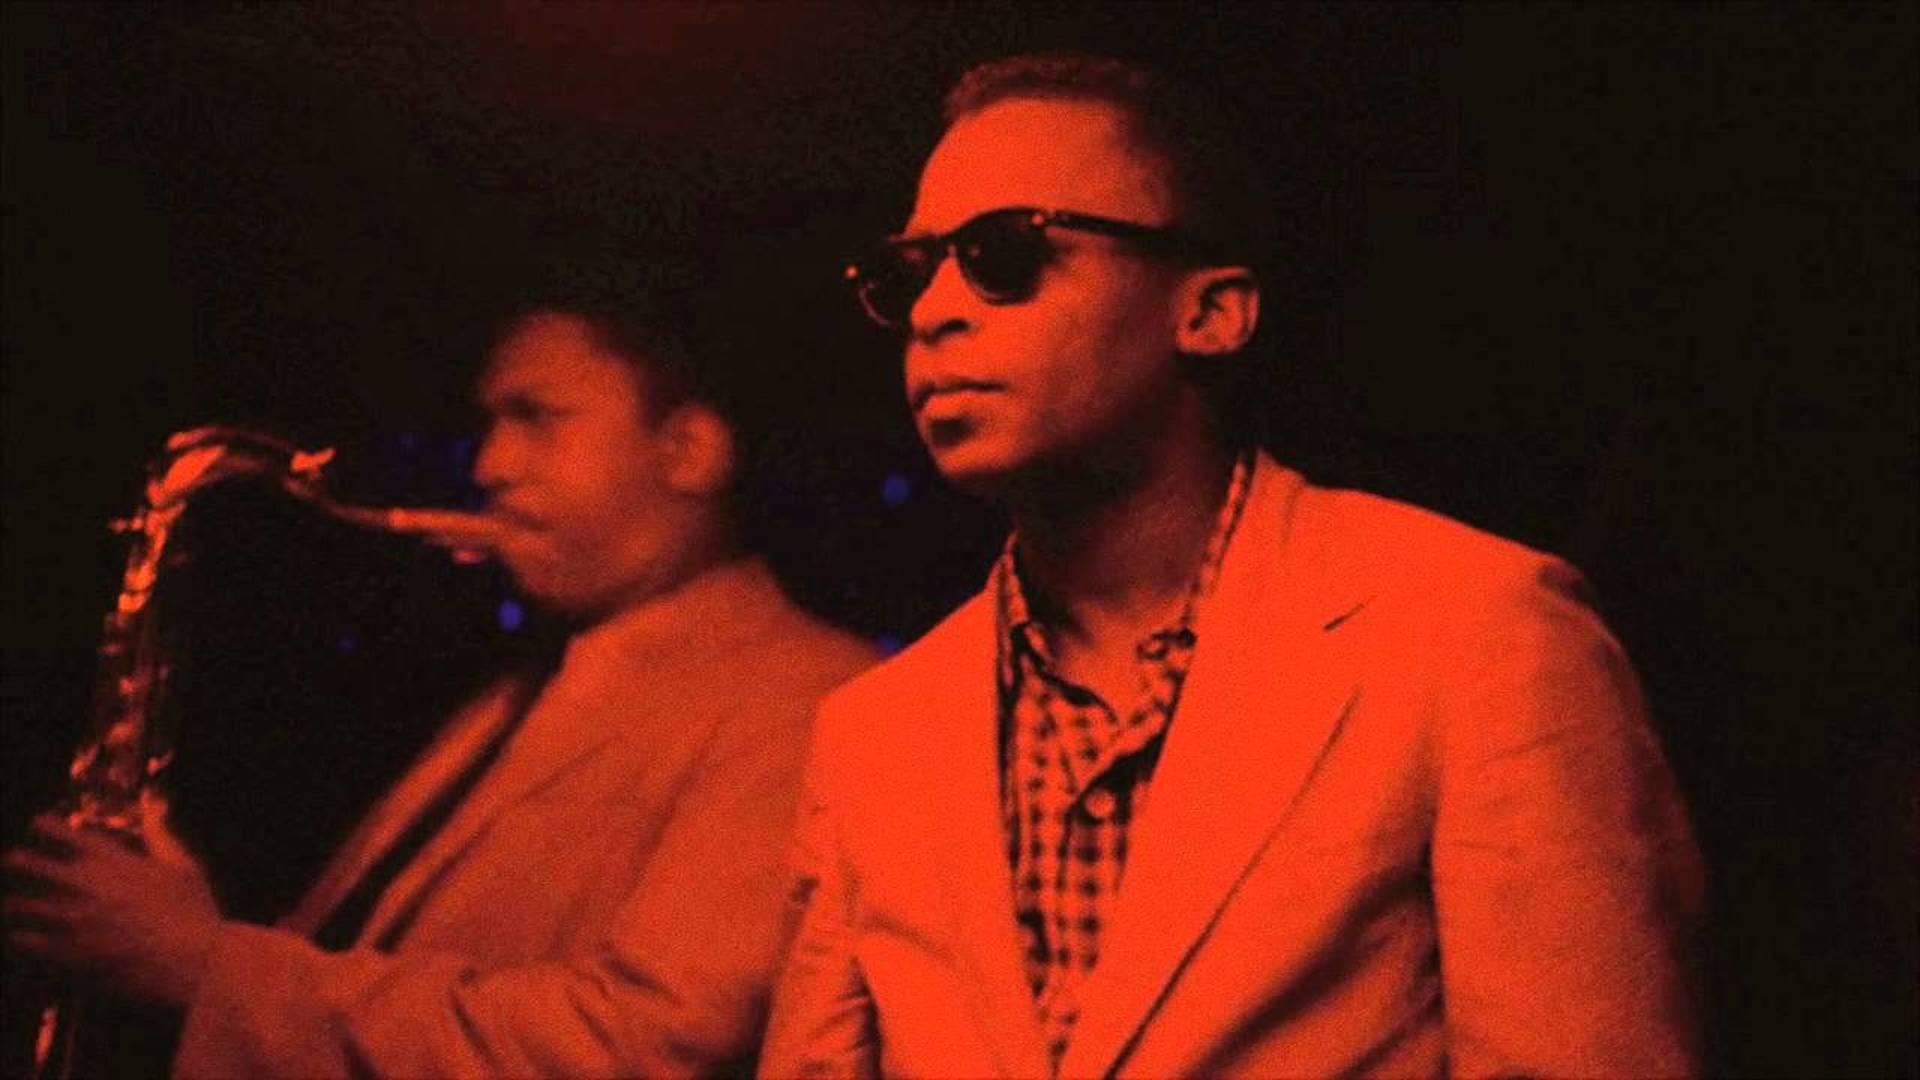 Coltrane and Davis